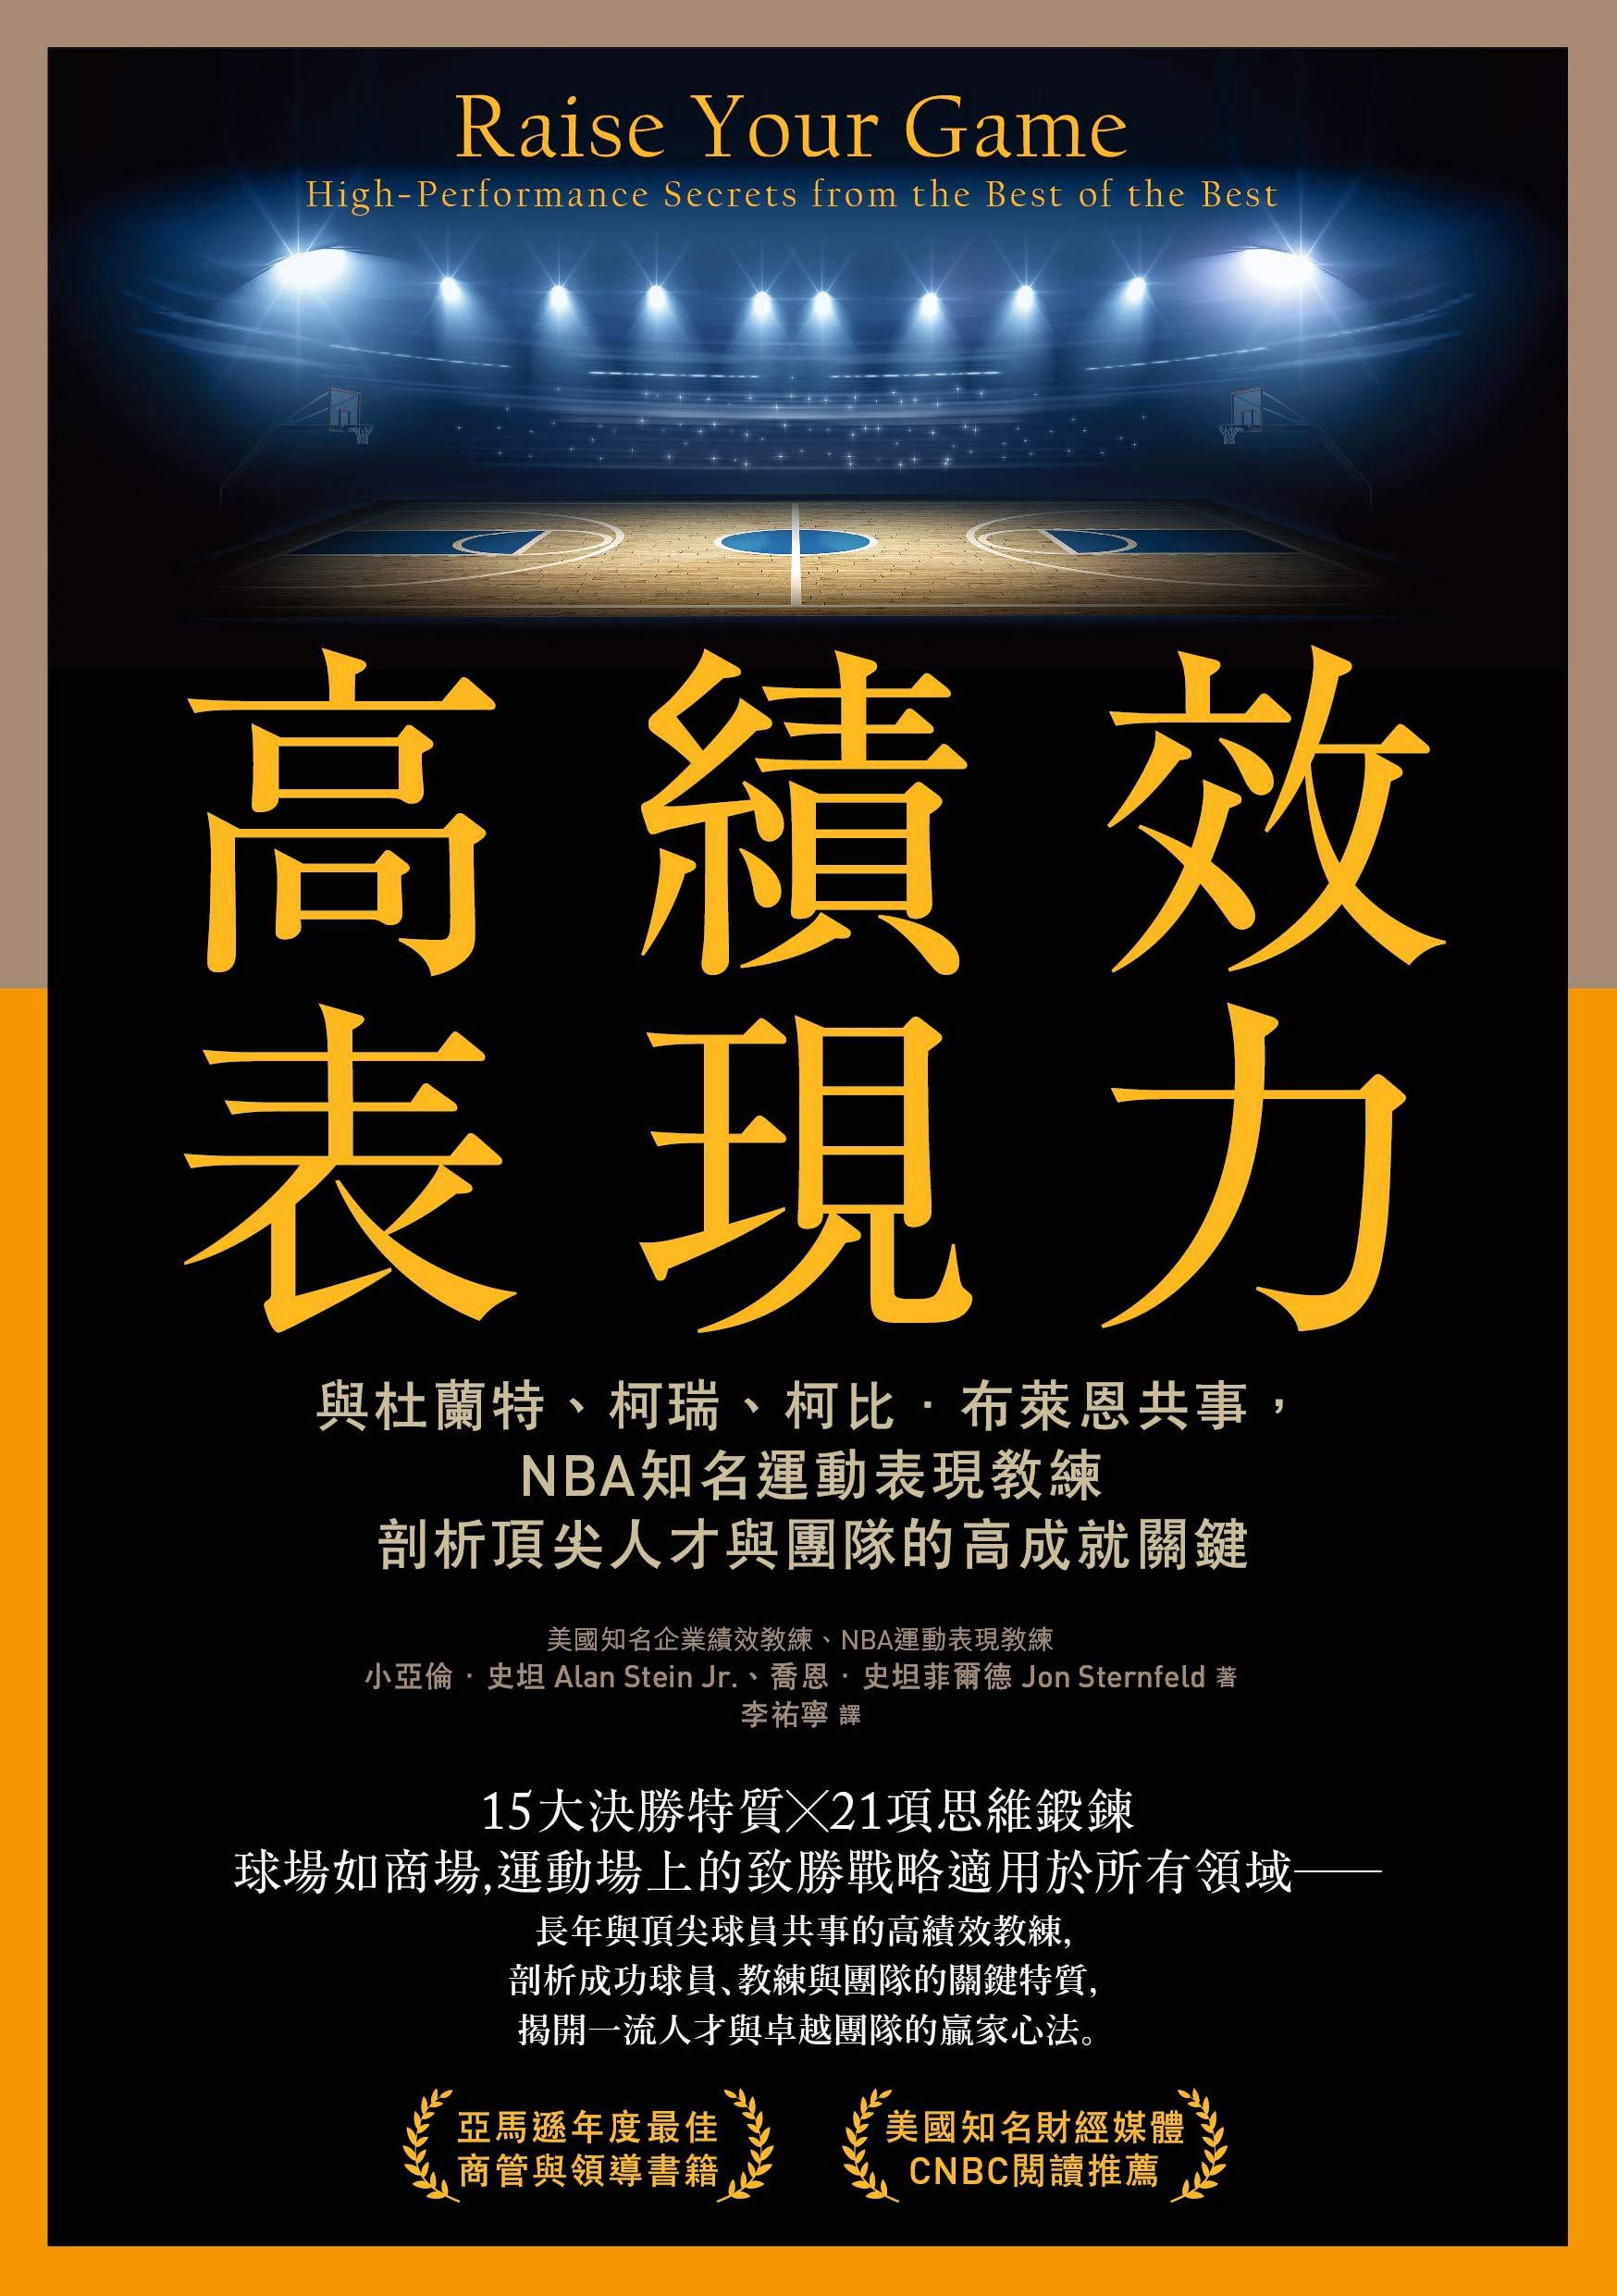 高績效表現力: 與杜蘭特、柯瑞、柯比.布萊恩共事,NBA知名運動表現教練剖析頂尖人才與團隊的高成就關鍵 (Traditional Chinese Edition)